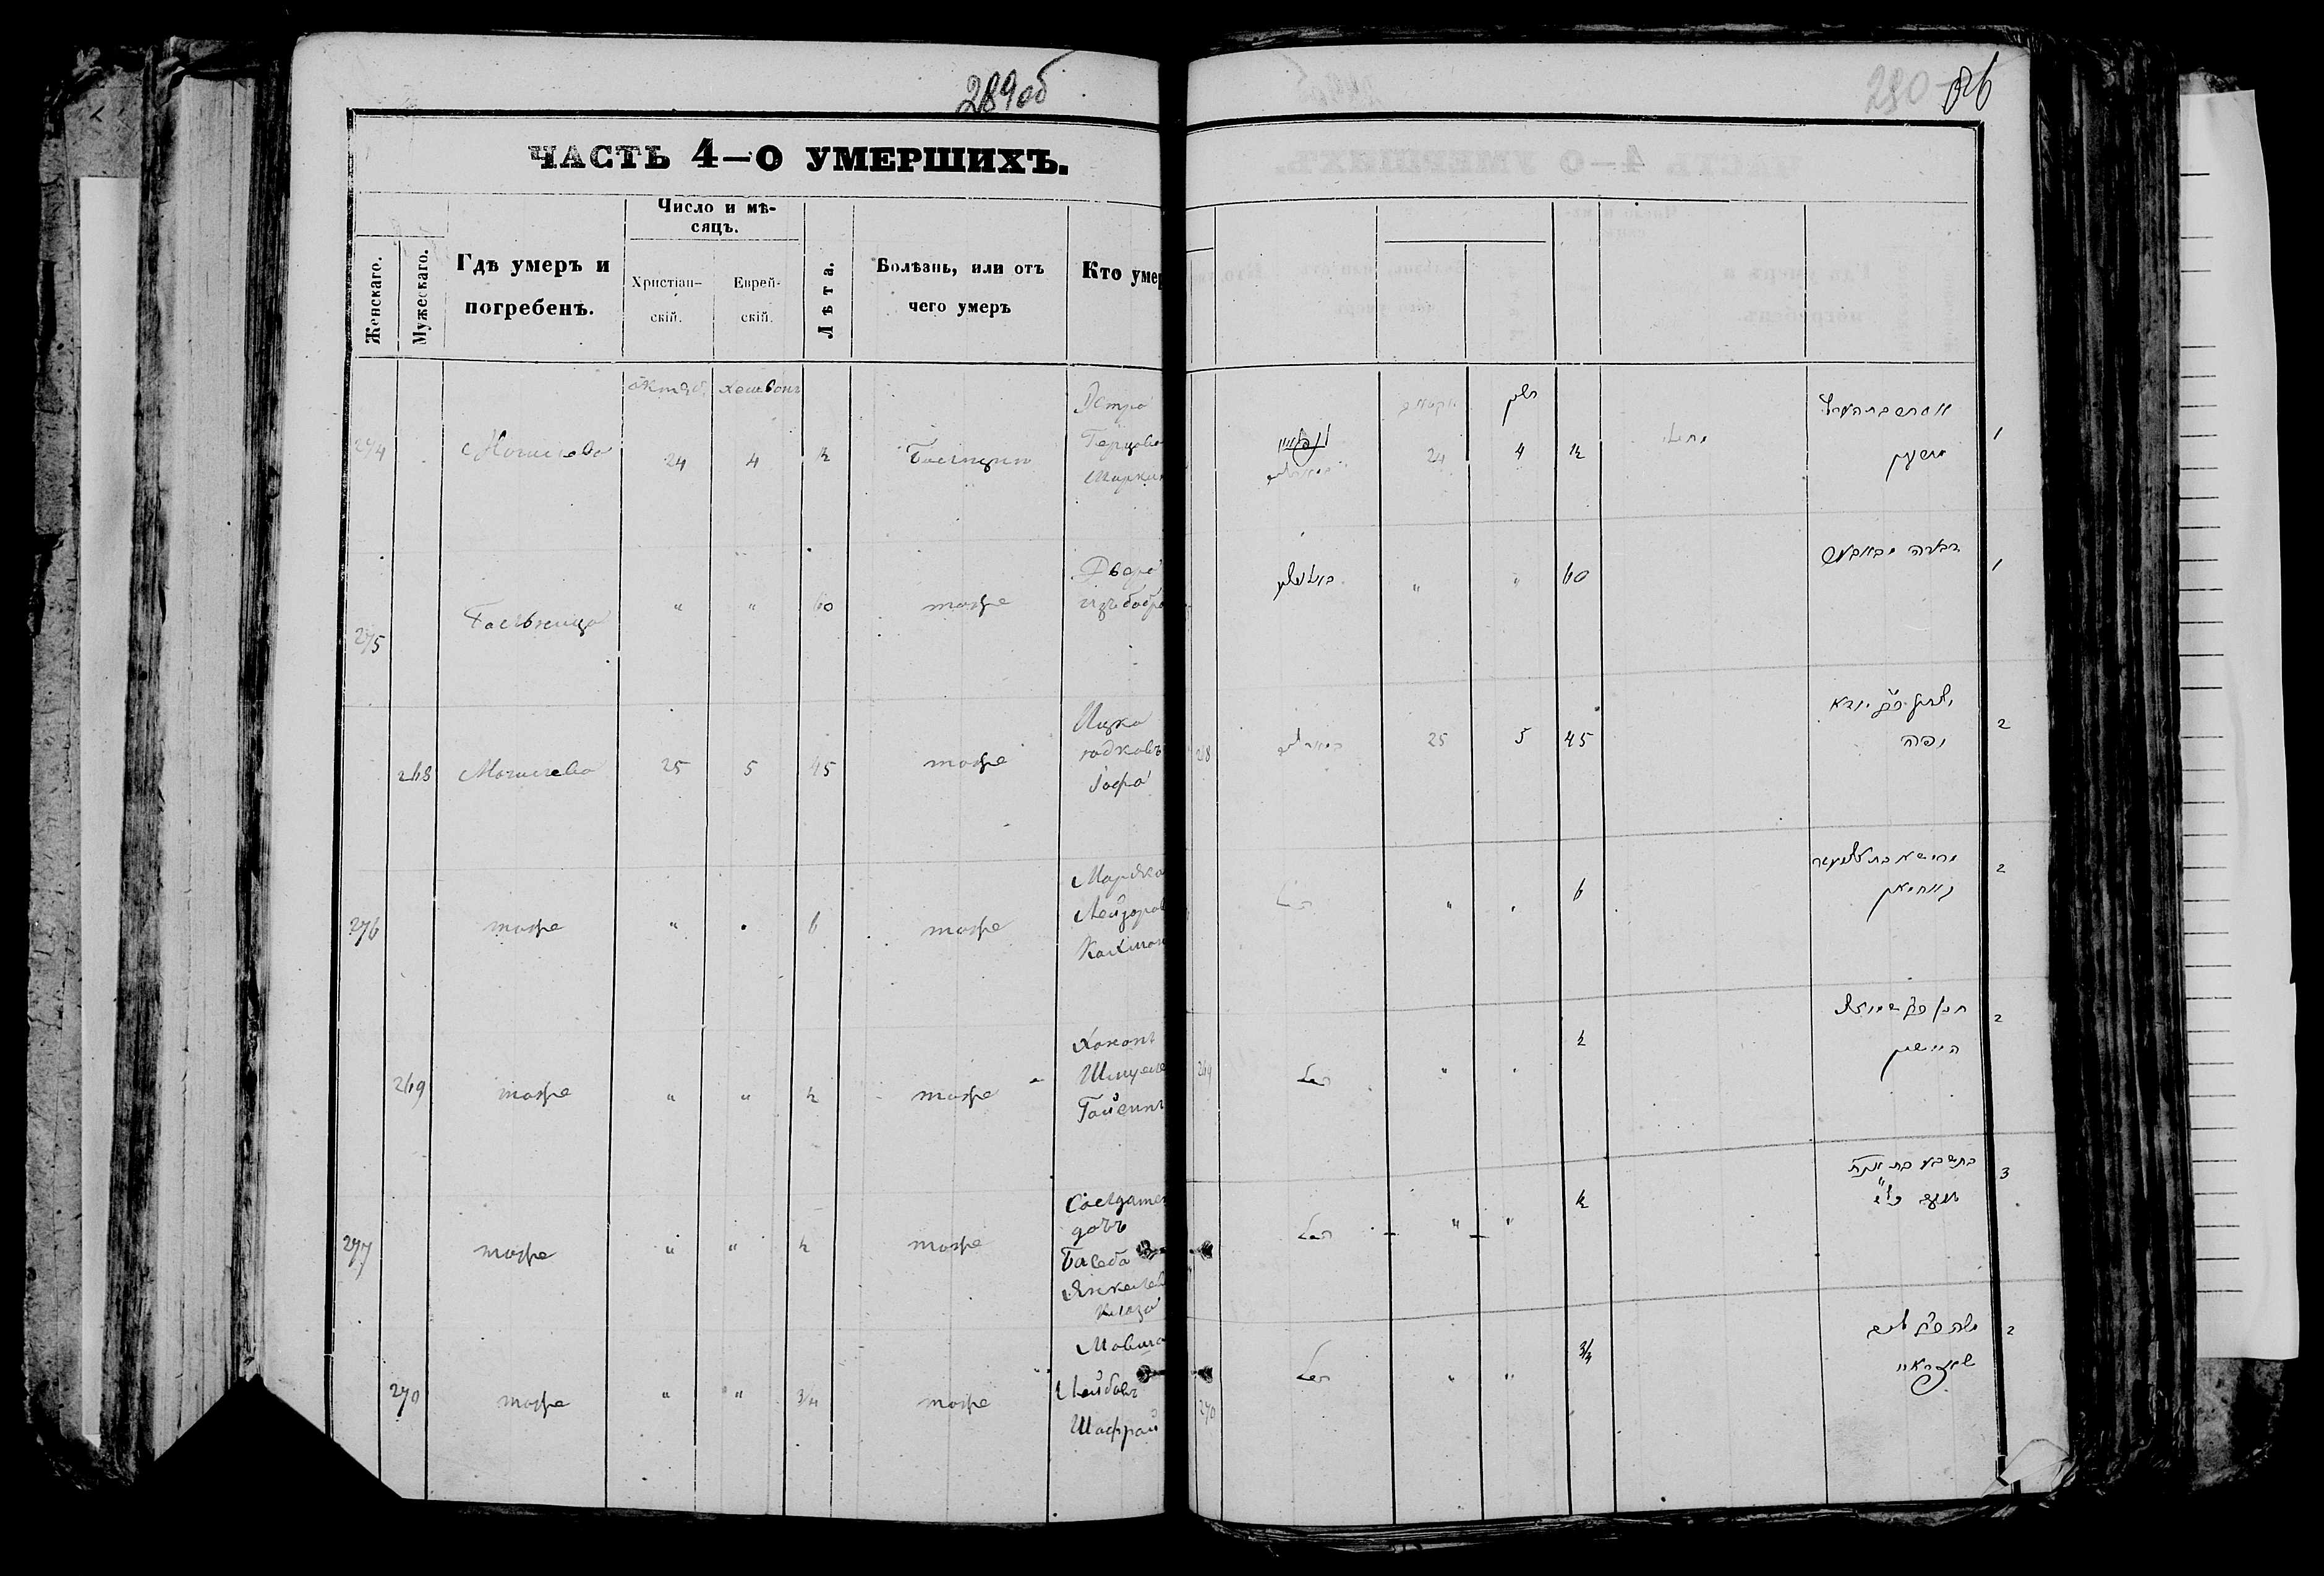 Эстра Герцевна Миркина ум. 24 октября 1872, запись 274, пленка 007766480, снимок 304